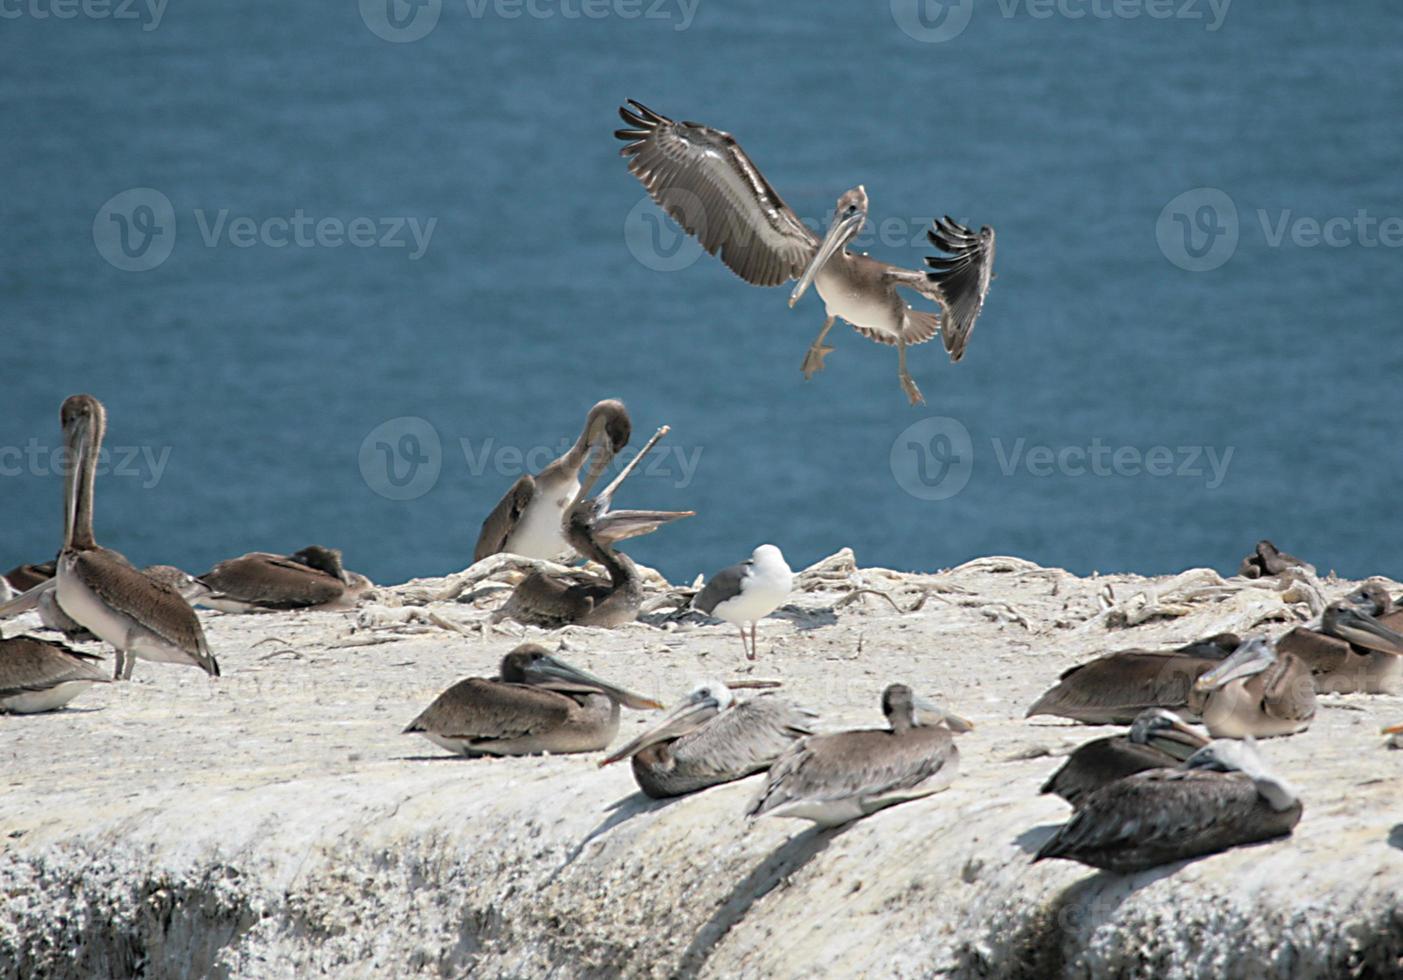 wilde pelikanen op een klif communiceren foto